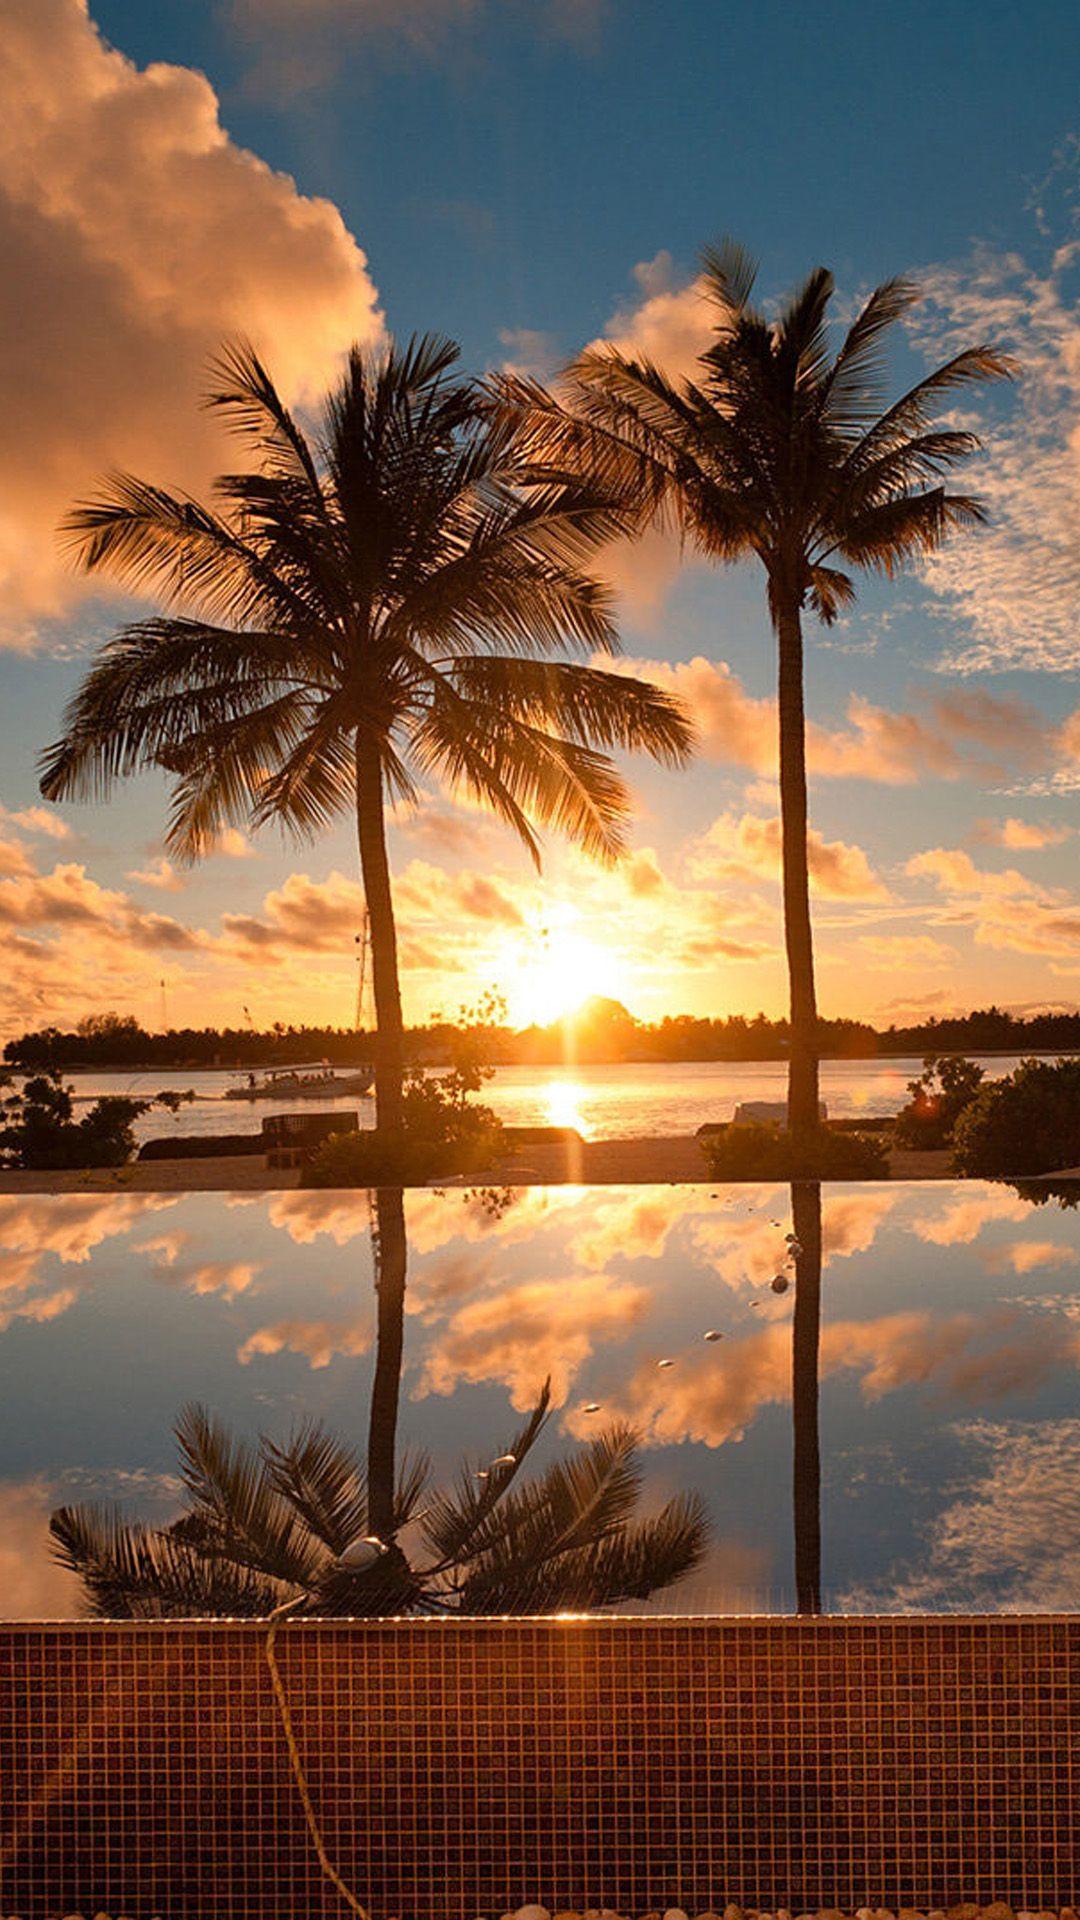 人気97位 ロマンチックな夕焼けのビーチ Iphone Xの壁紙がダウンロードし放題 ハワイ 壁紙 夏 壁紙 風景の壁紙